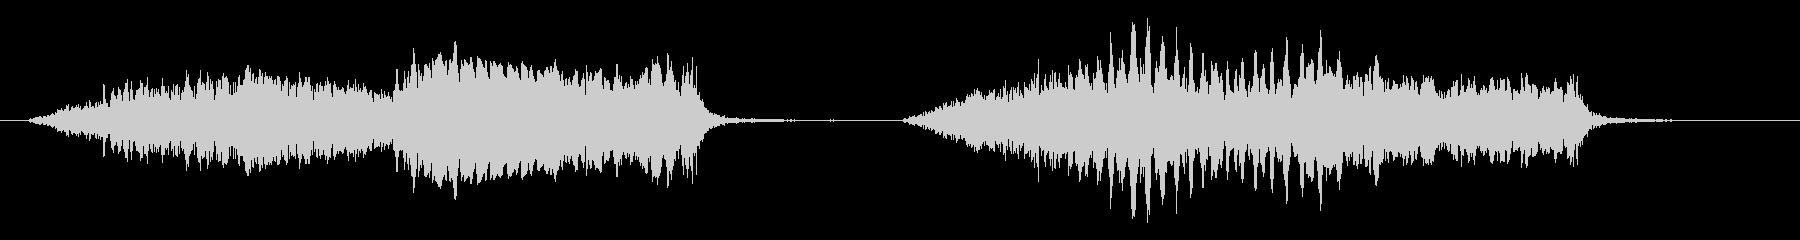 ヒヨドリの鳴き声の未再生の波形